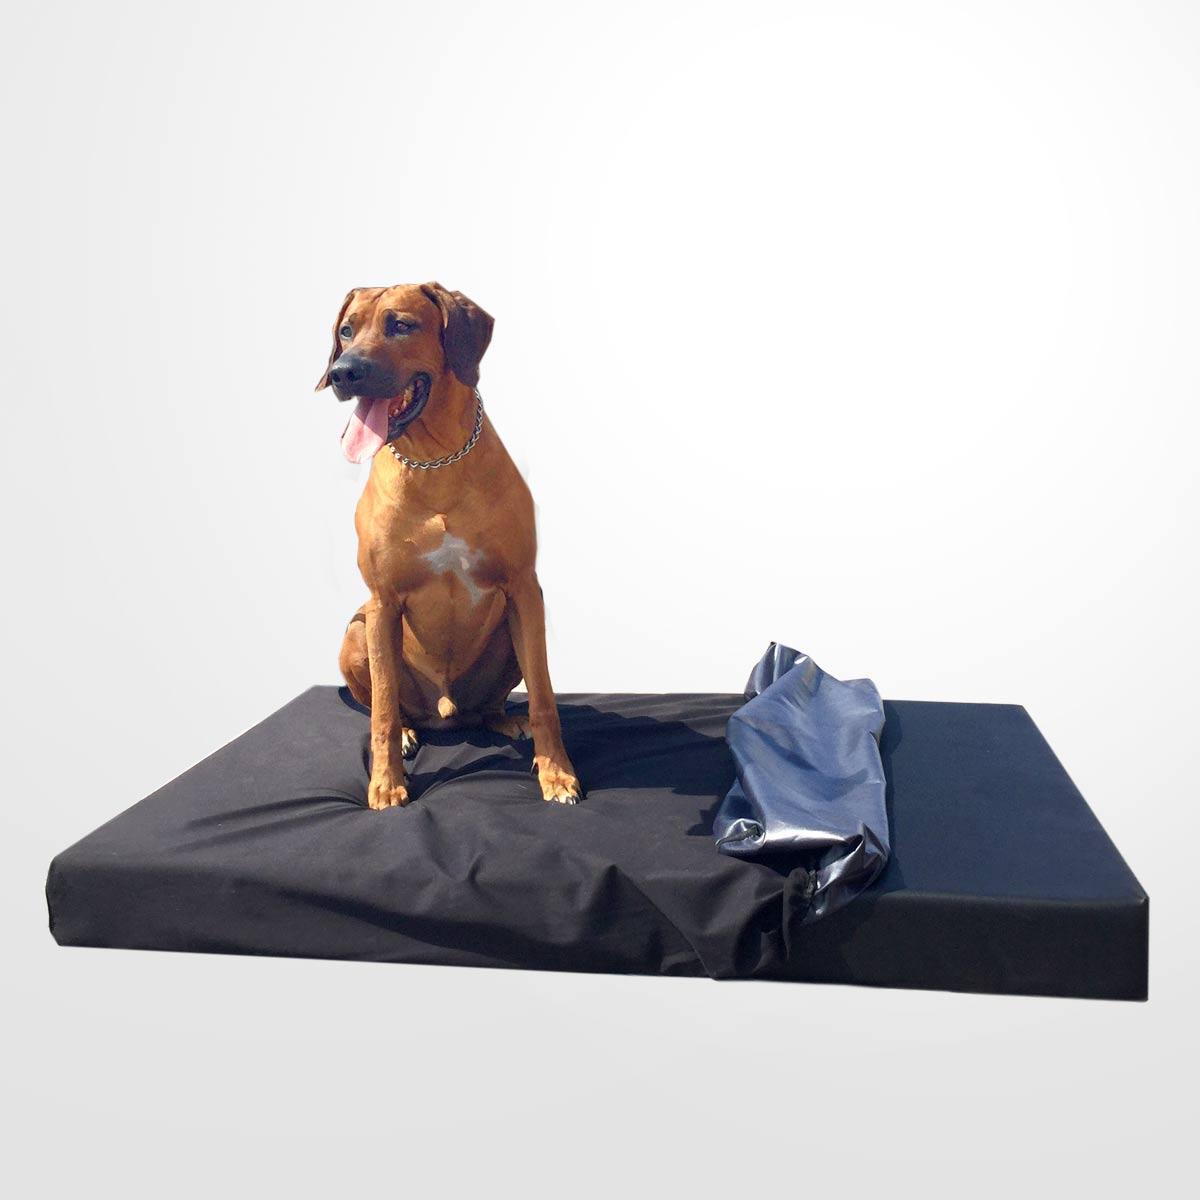 joodog TRAVEL M13 Ortho | KB , Orthopädische Hundematte, Hundebetten Grosshandel, Wholesale.